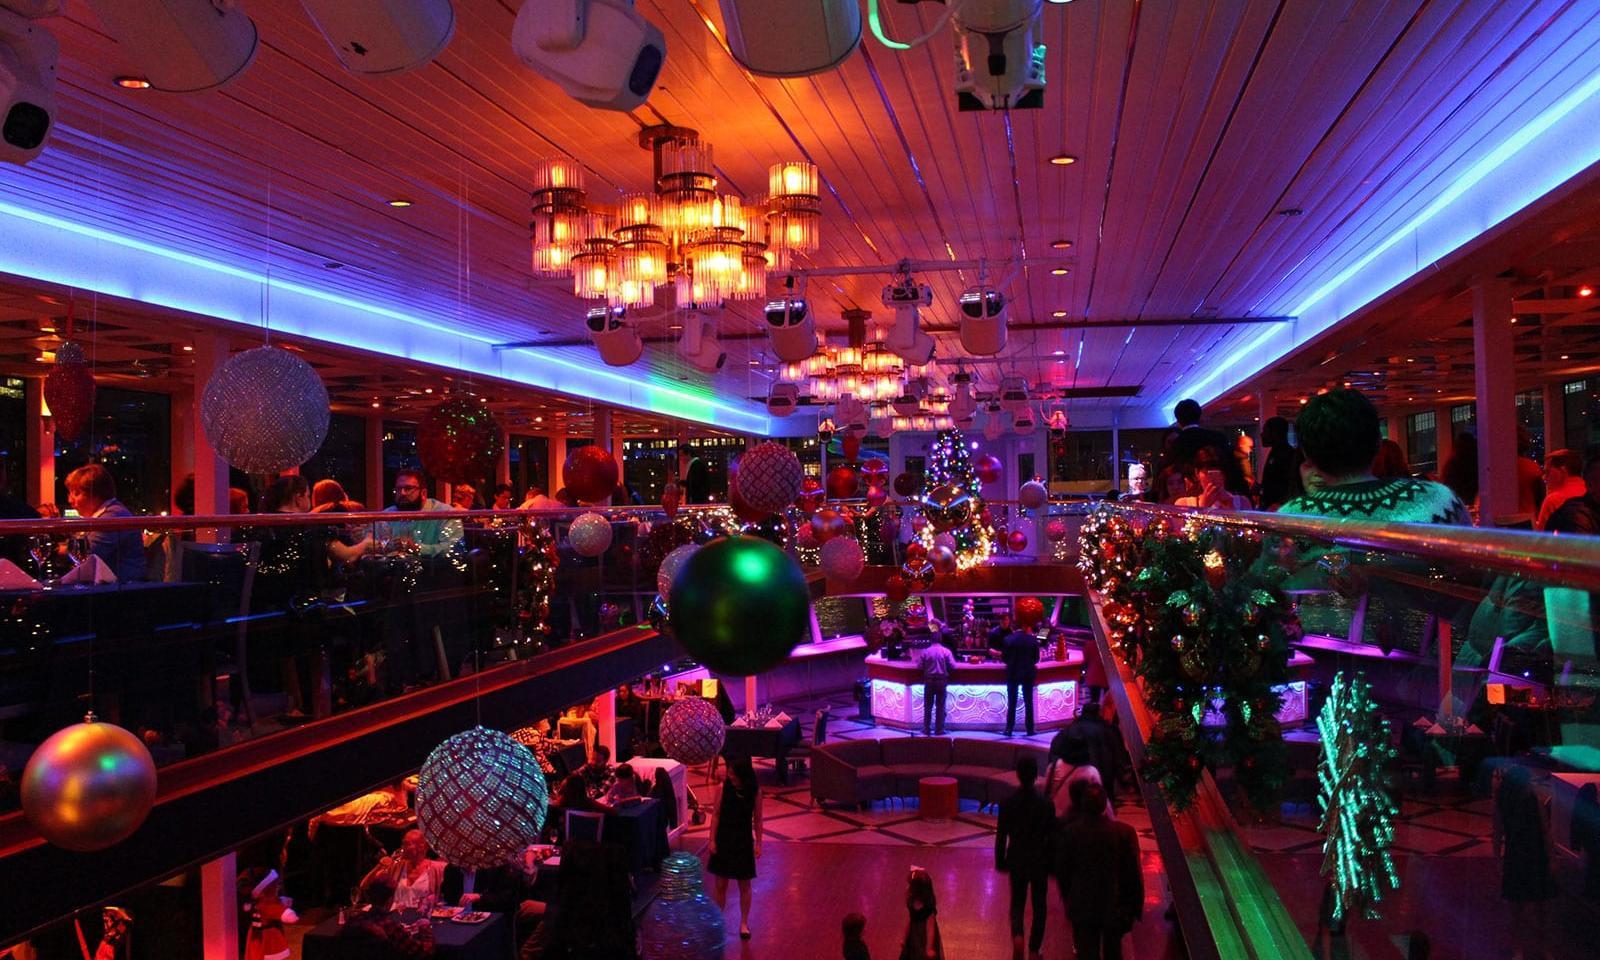 Christmas Eve Dinner Ny  Hornblower New York Christmas Dinner Cruise Loving New